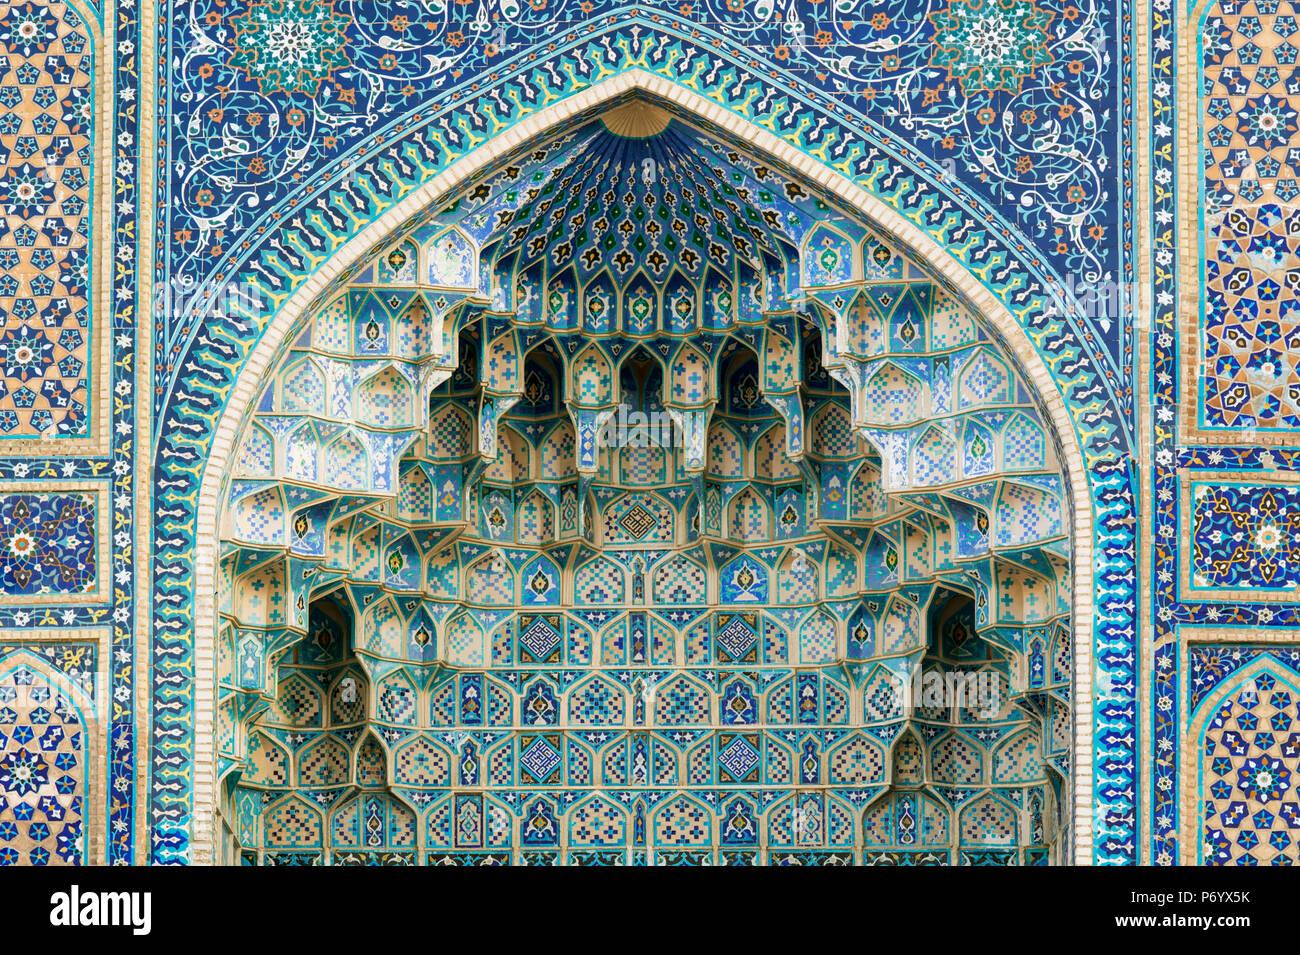 El Gur-e Amir mausoleo del conquistador asiático Timur (también conocido como Tamerlán, 1336-1405). Tiene un lugar muy importante en la historia de la arquitectura Persian-Mongolian. Un sitio de Patrimonio Mundial de la Unesco, Samarcanda. Uzbekistán Imagen De Stock